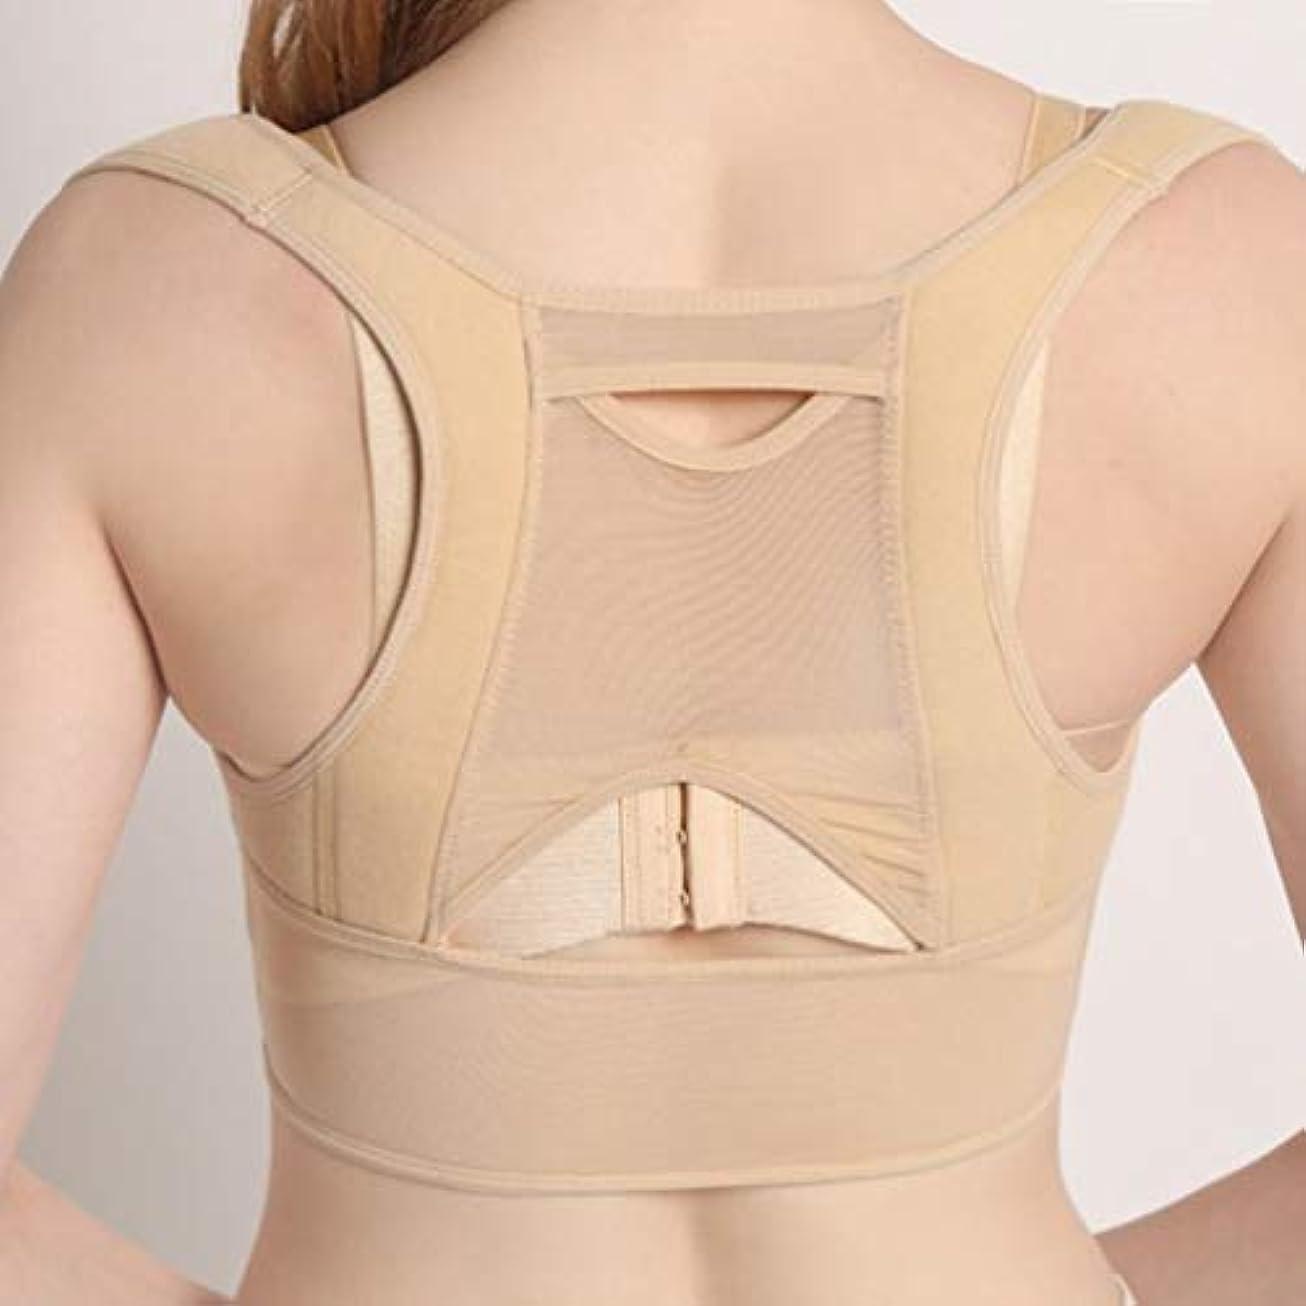 机喜び墓地通気性のある女性の背中の姿勢矯正コルセット整形外科の肩の背骨の姿勢矯正腰椎サポート - ベージュホワイトM